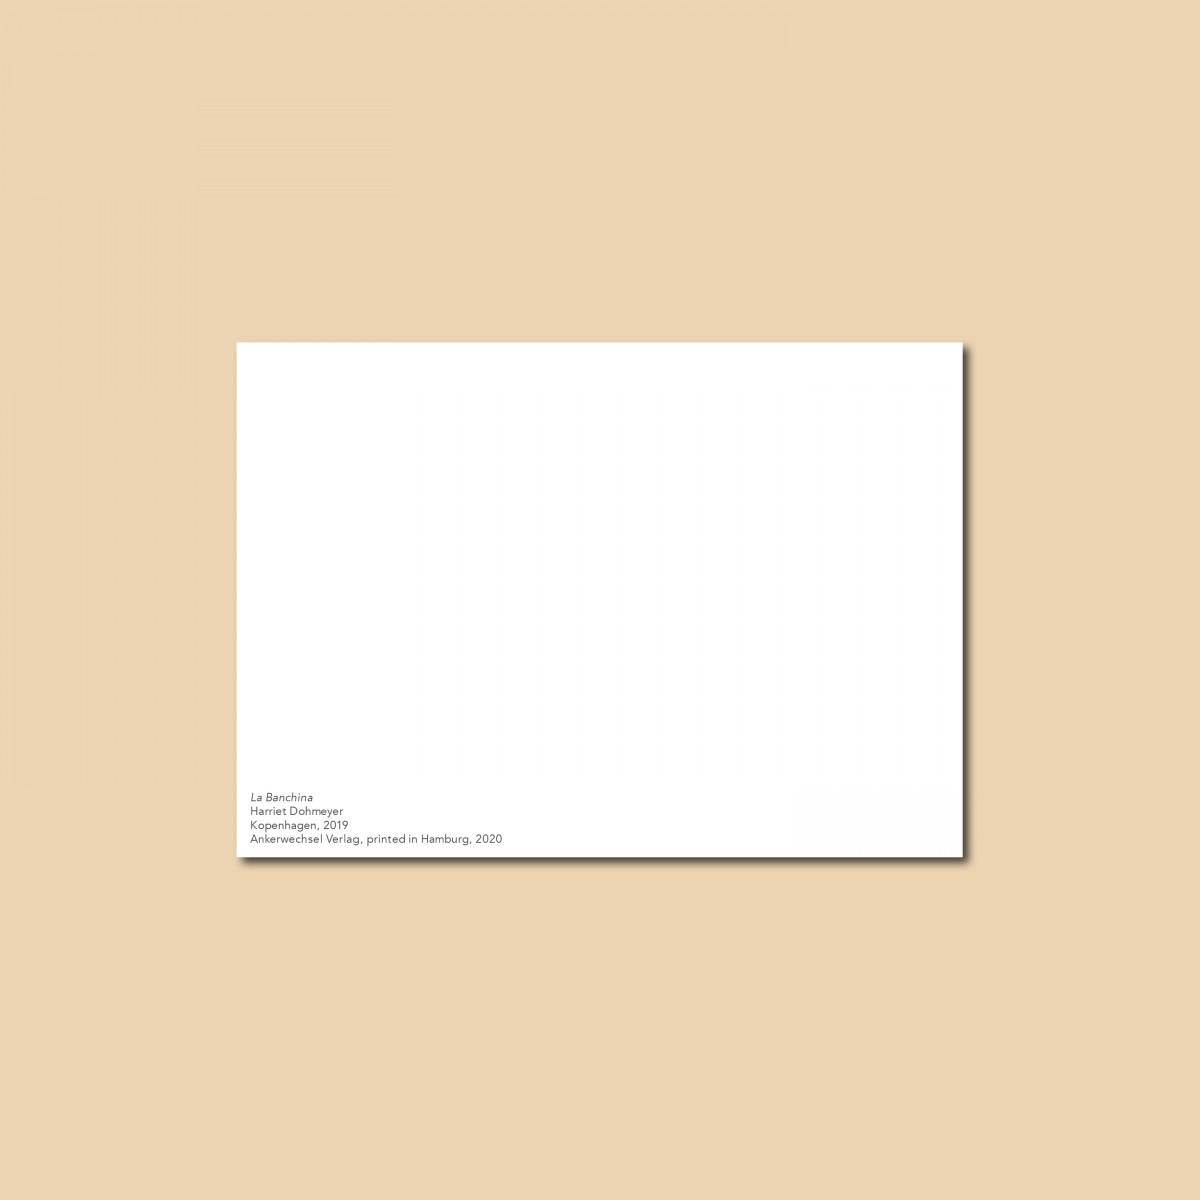 'La Banchina' Postkarte, DIN A6, klimaneutral gedruckt / Ankerwechsel Verlag